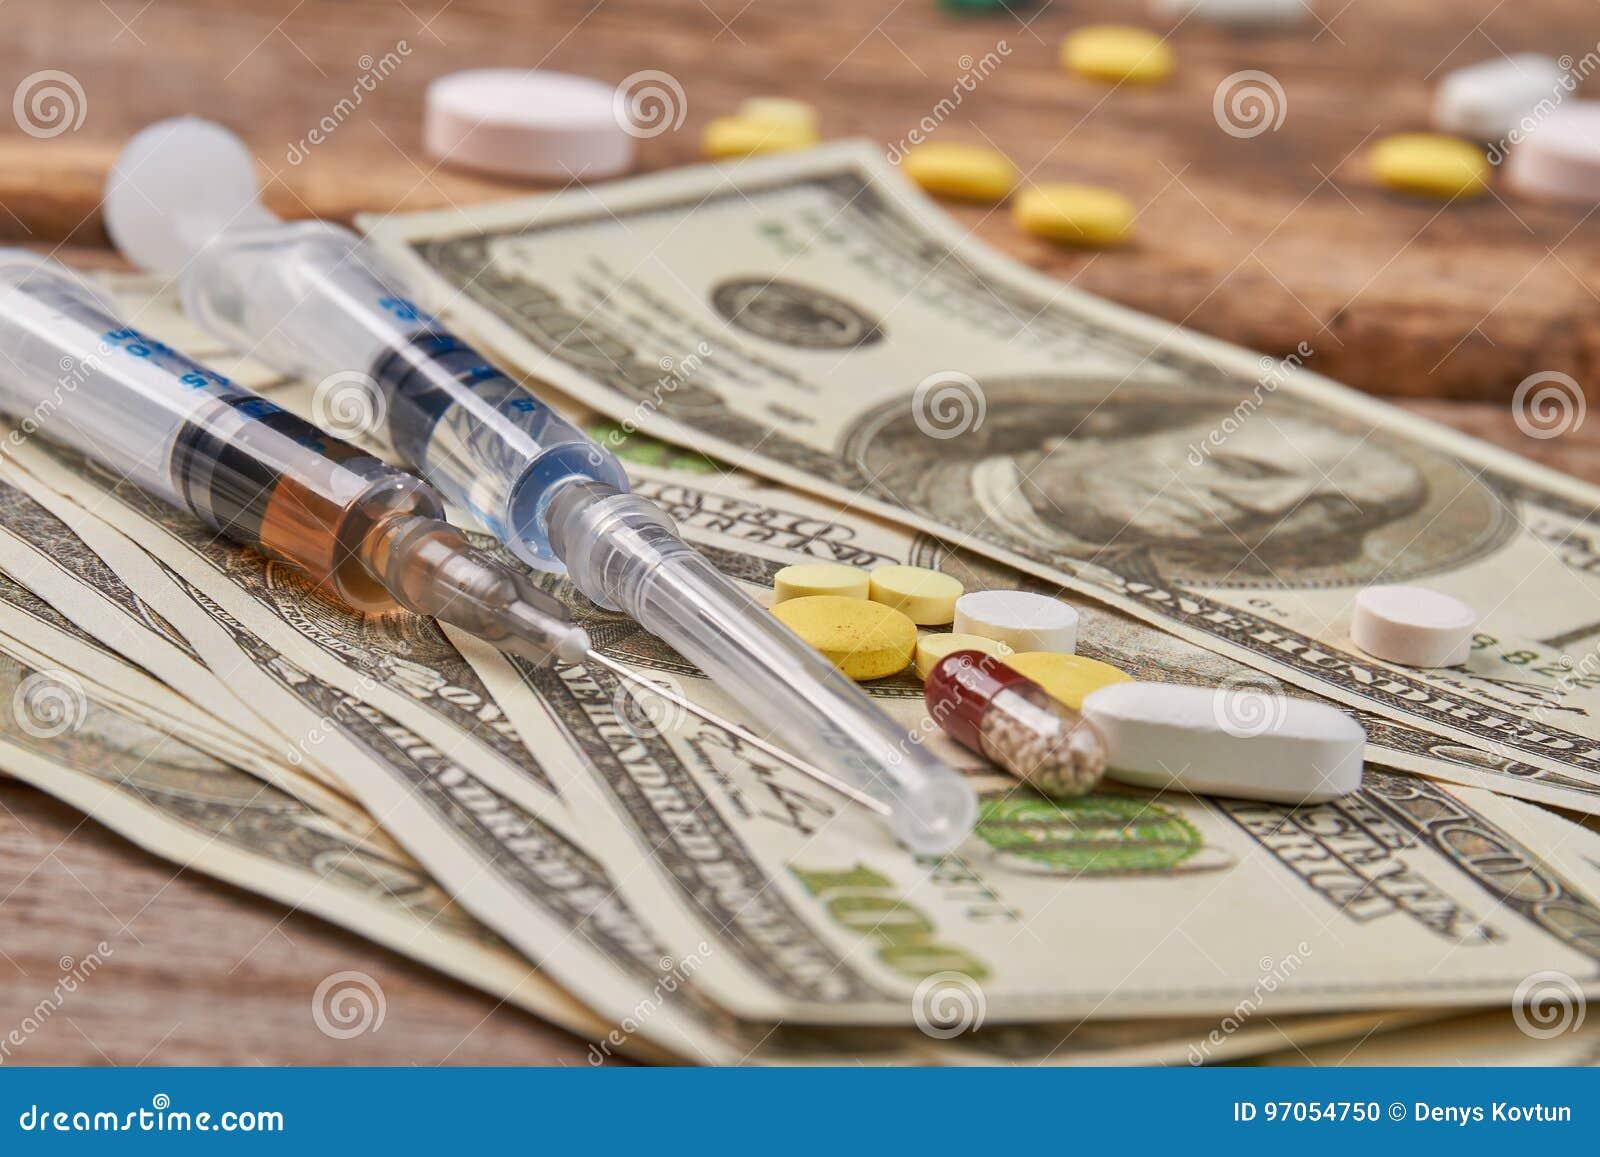 Dosis von Betäubungsmitteln für Bargeld